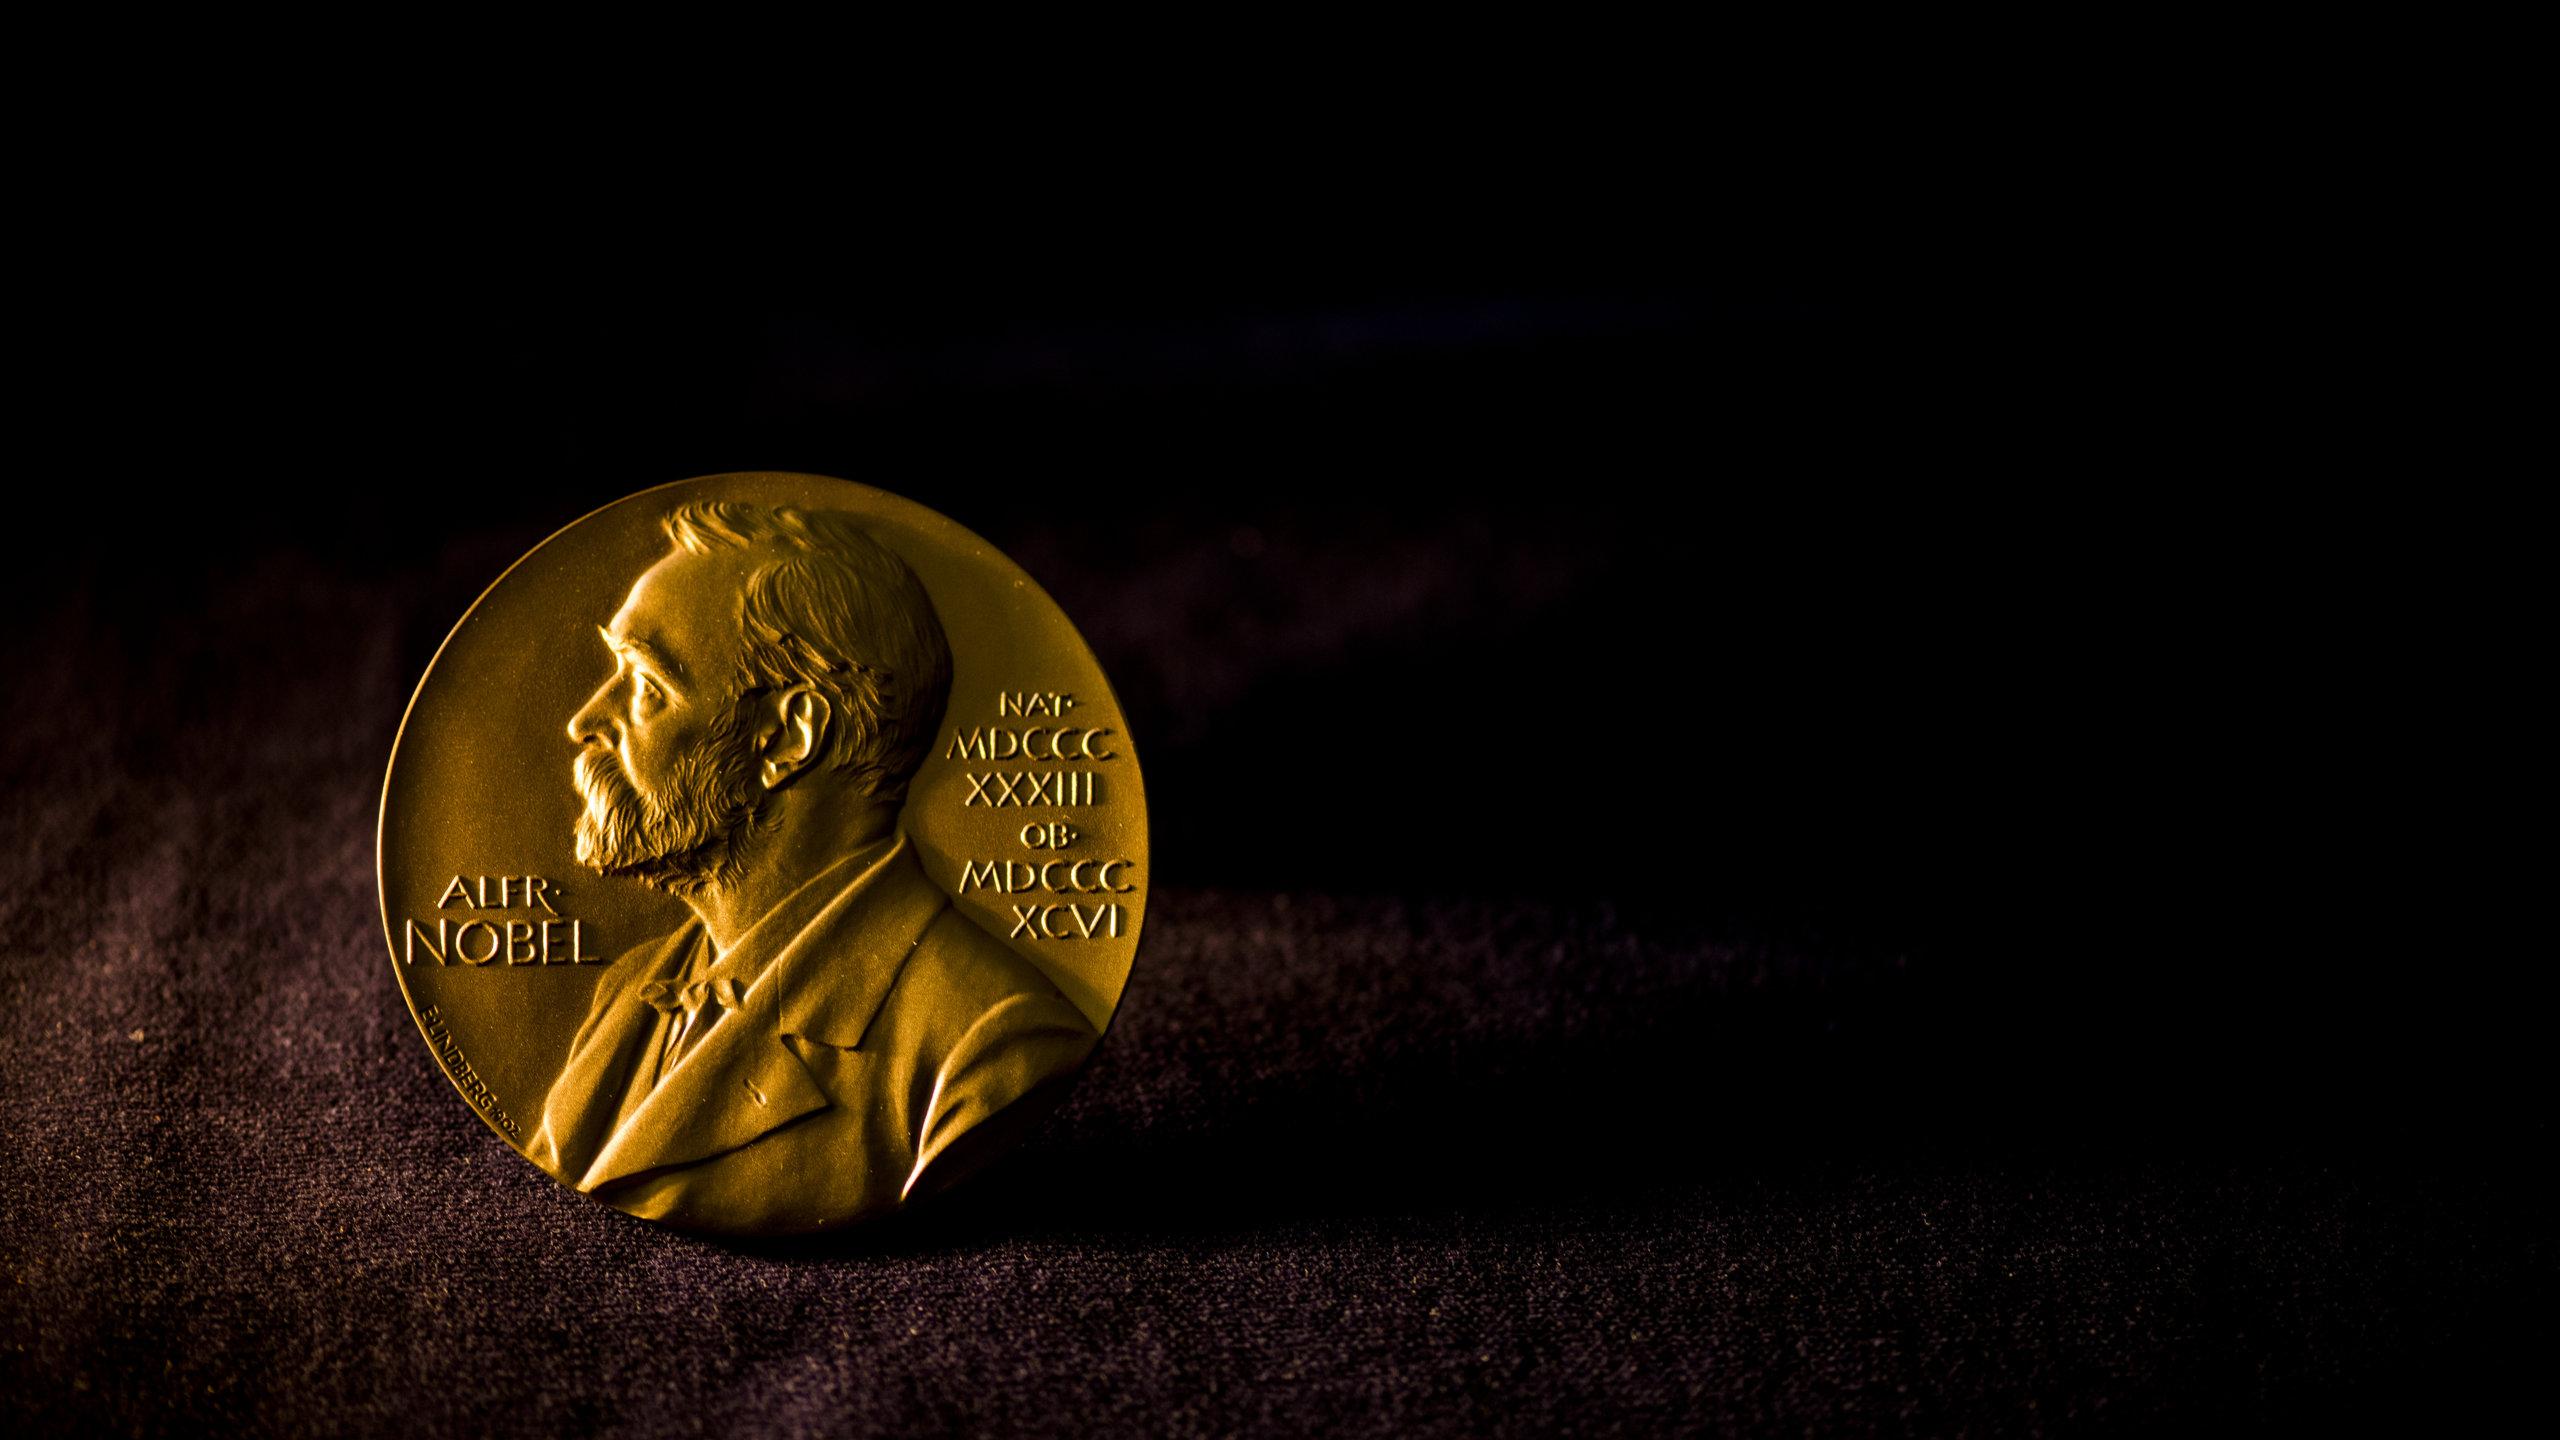 میراث پر دنگ و فنگ آقای نوبل